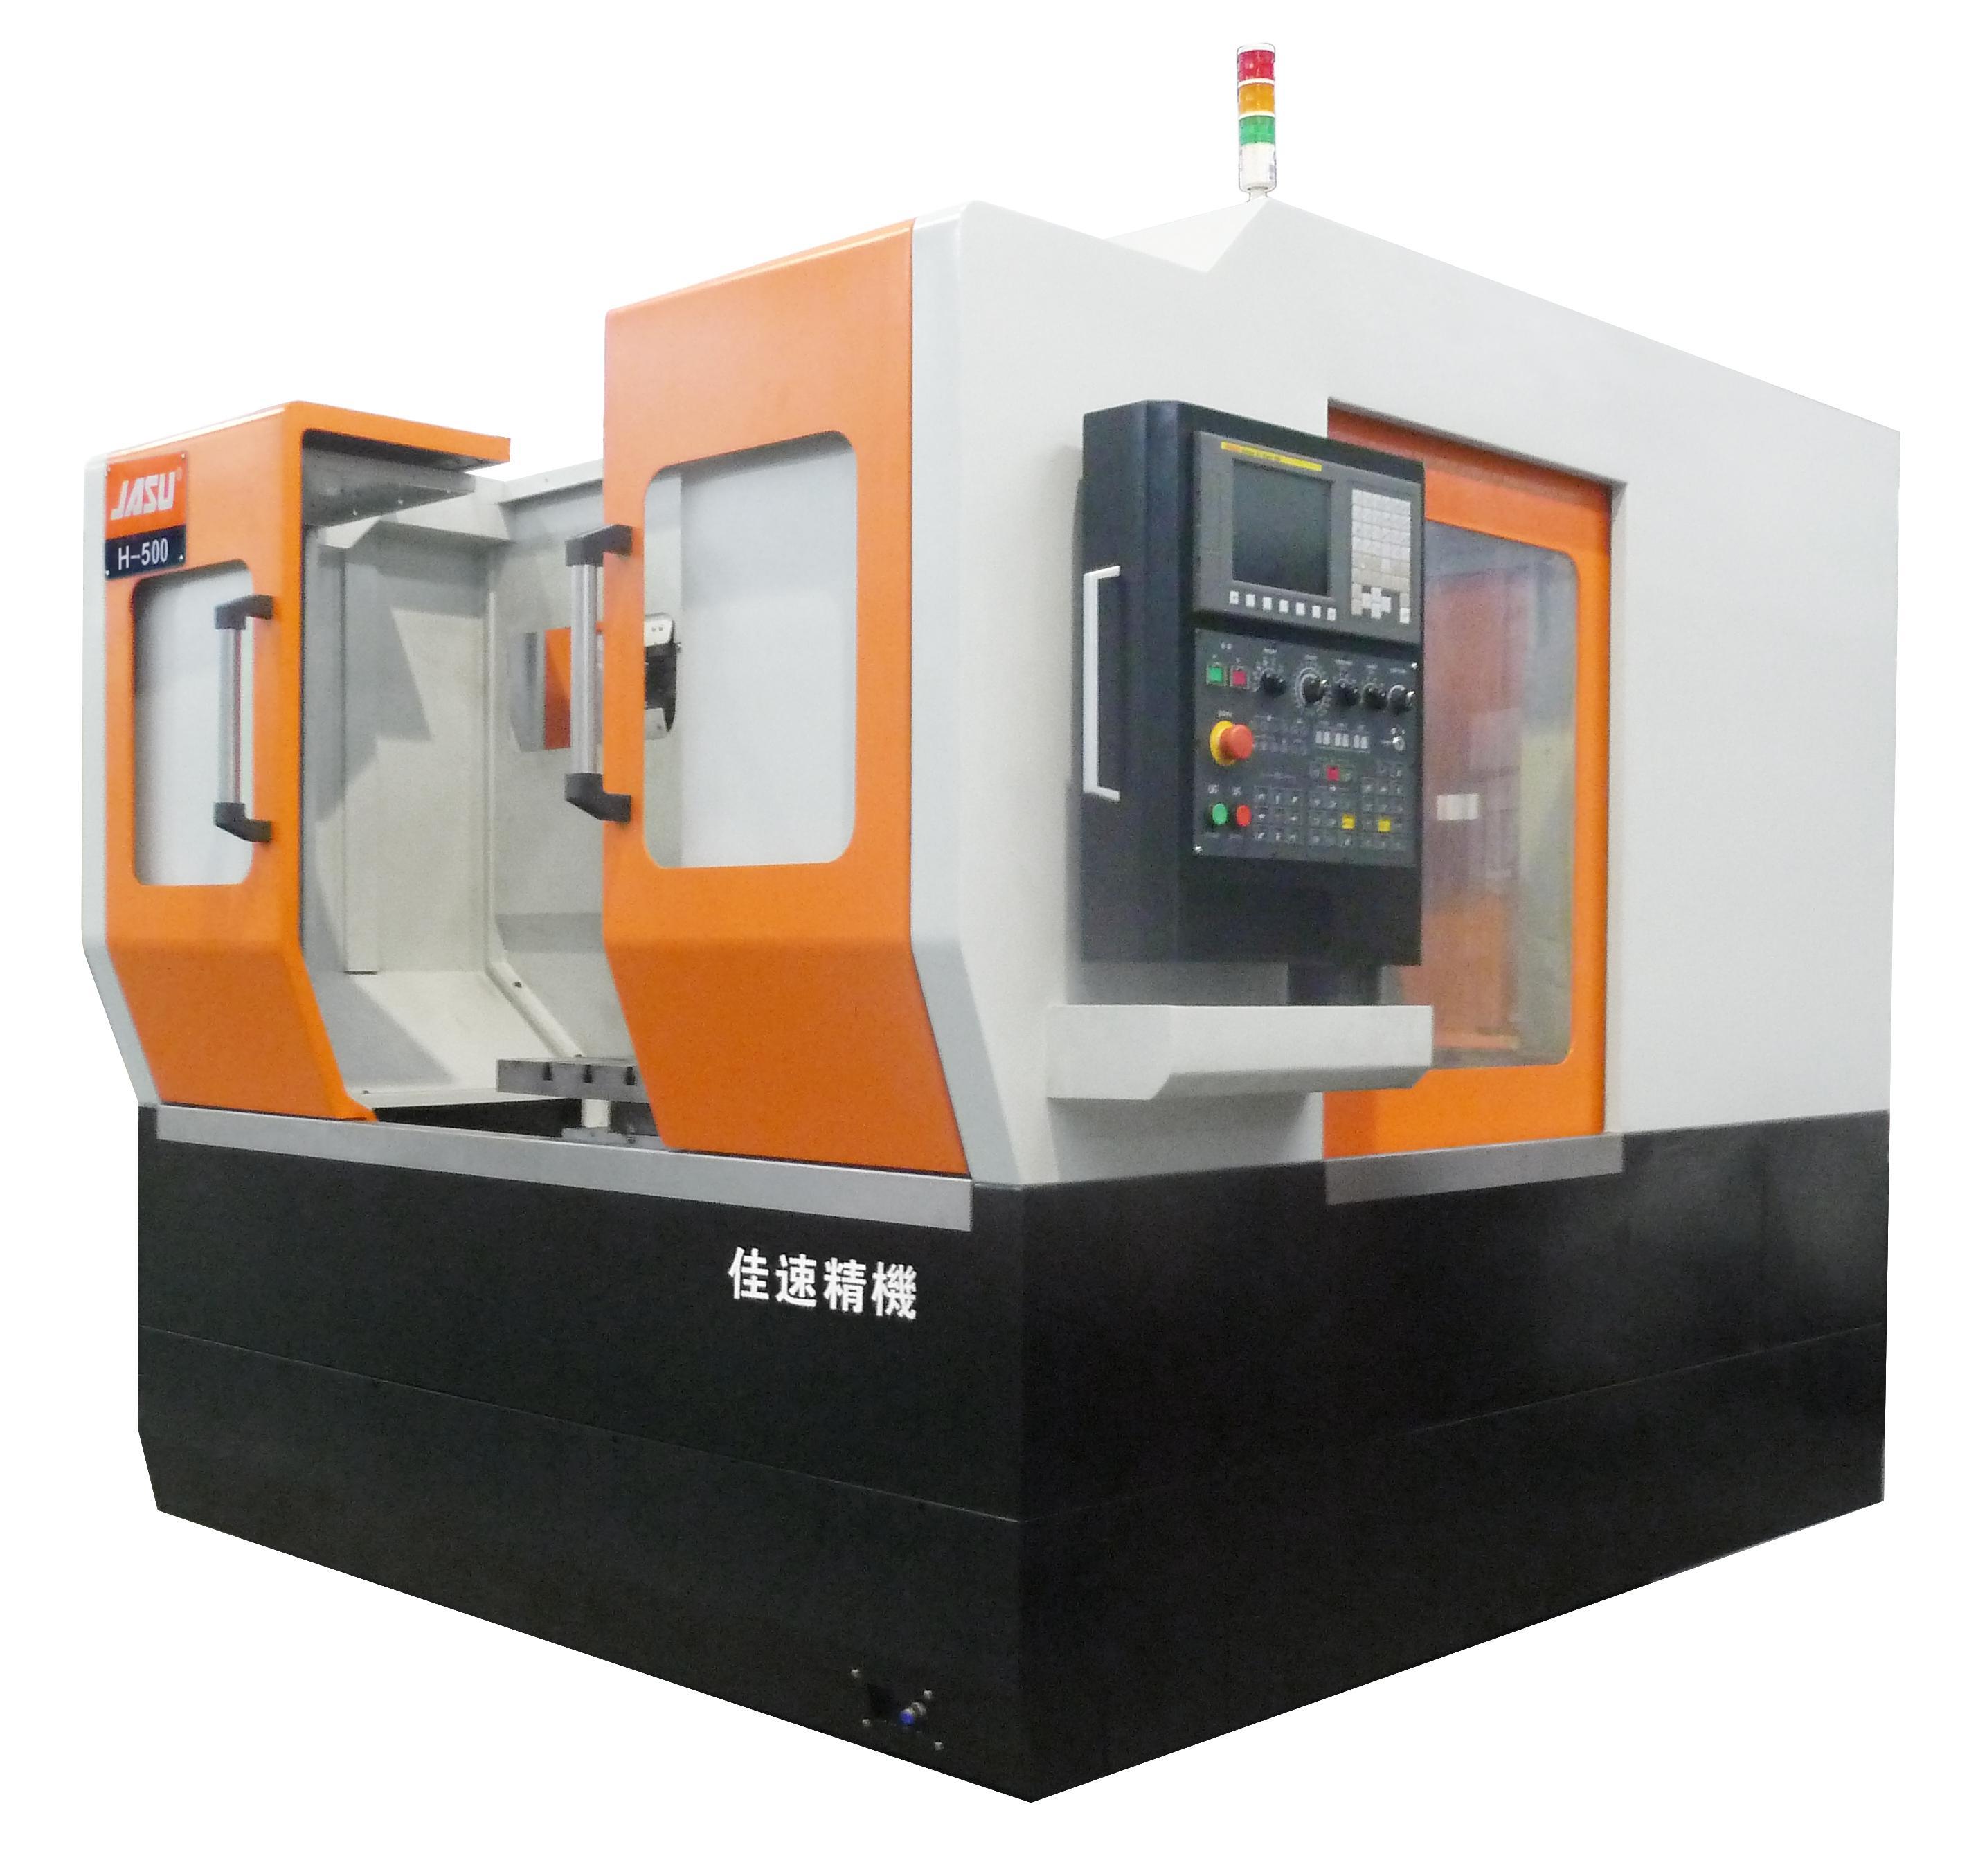 H-500 Horizontal Machining Center